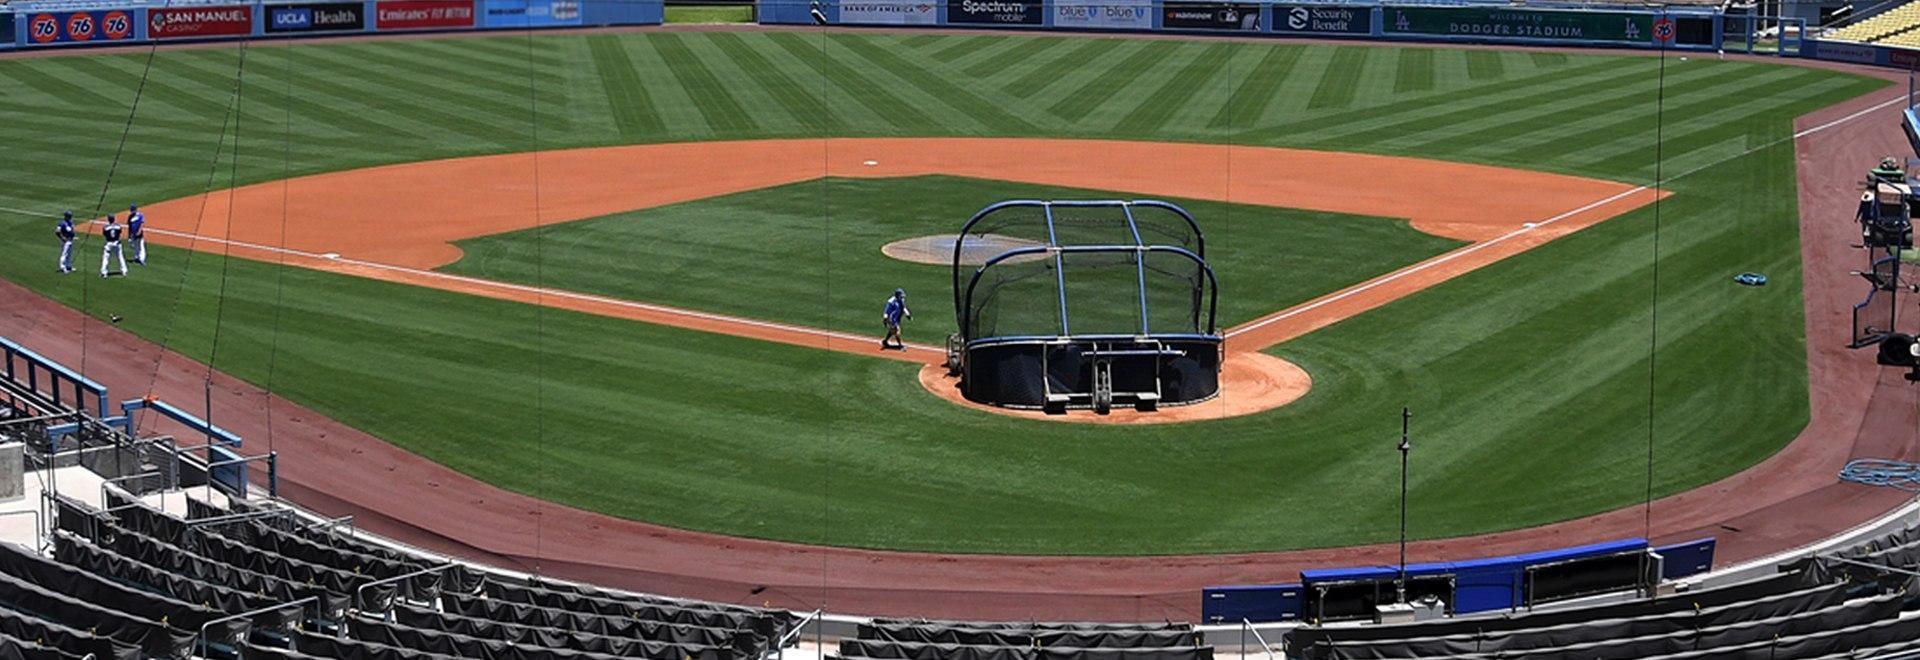 Tampa Bay/Yankees - Houston. ALCS Gara 1. ALCS Gara 1